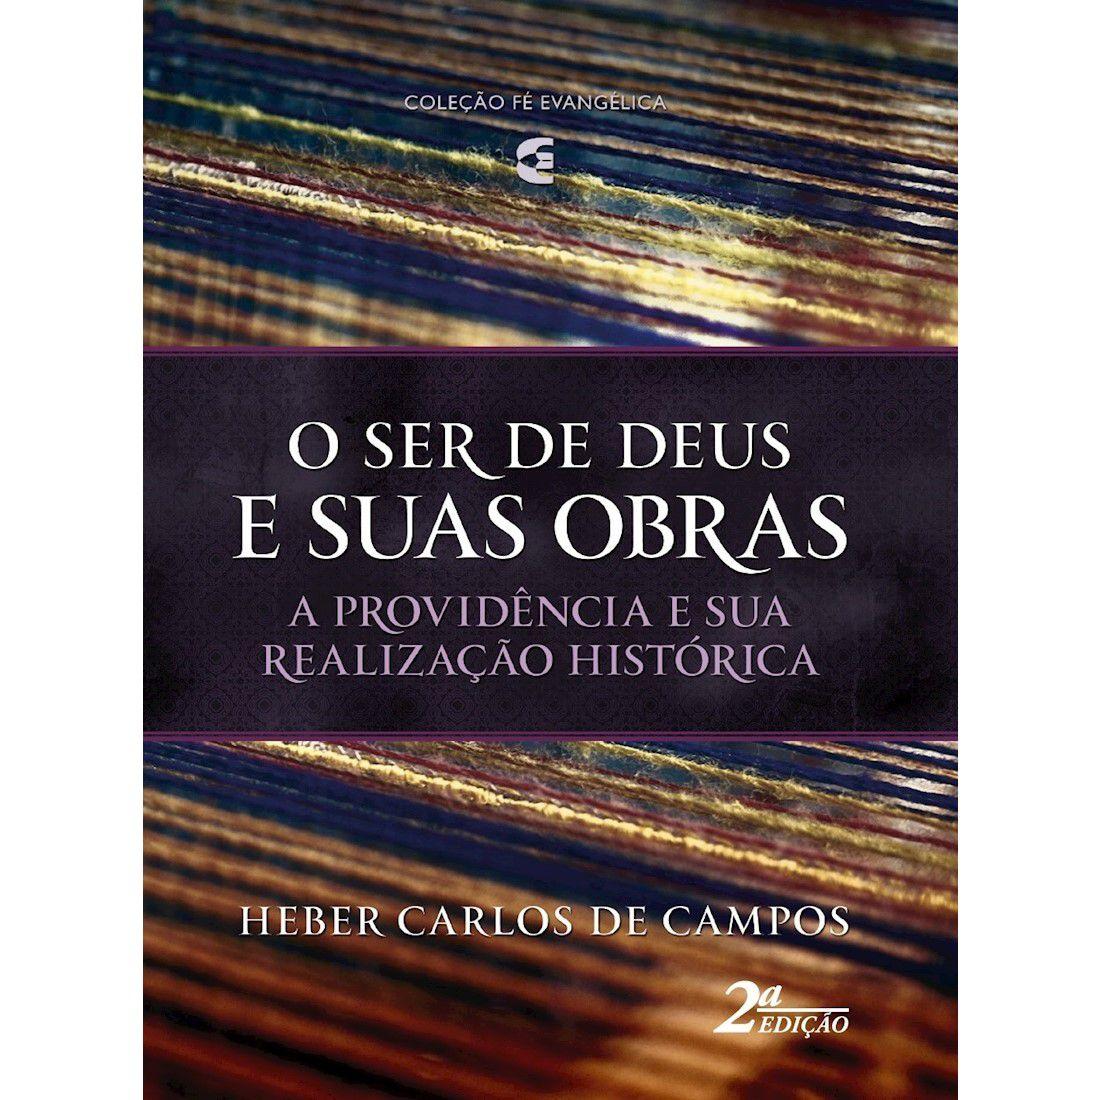 Livro O Ser de Deus e suas Obras - 2ª Edição